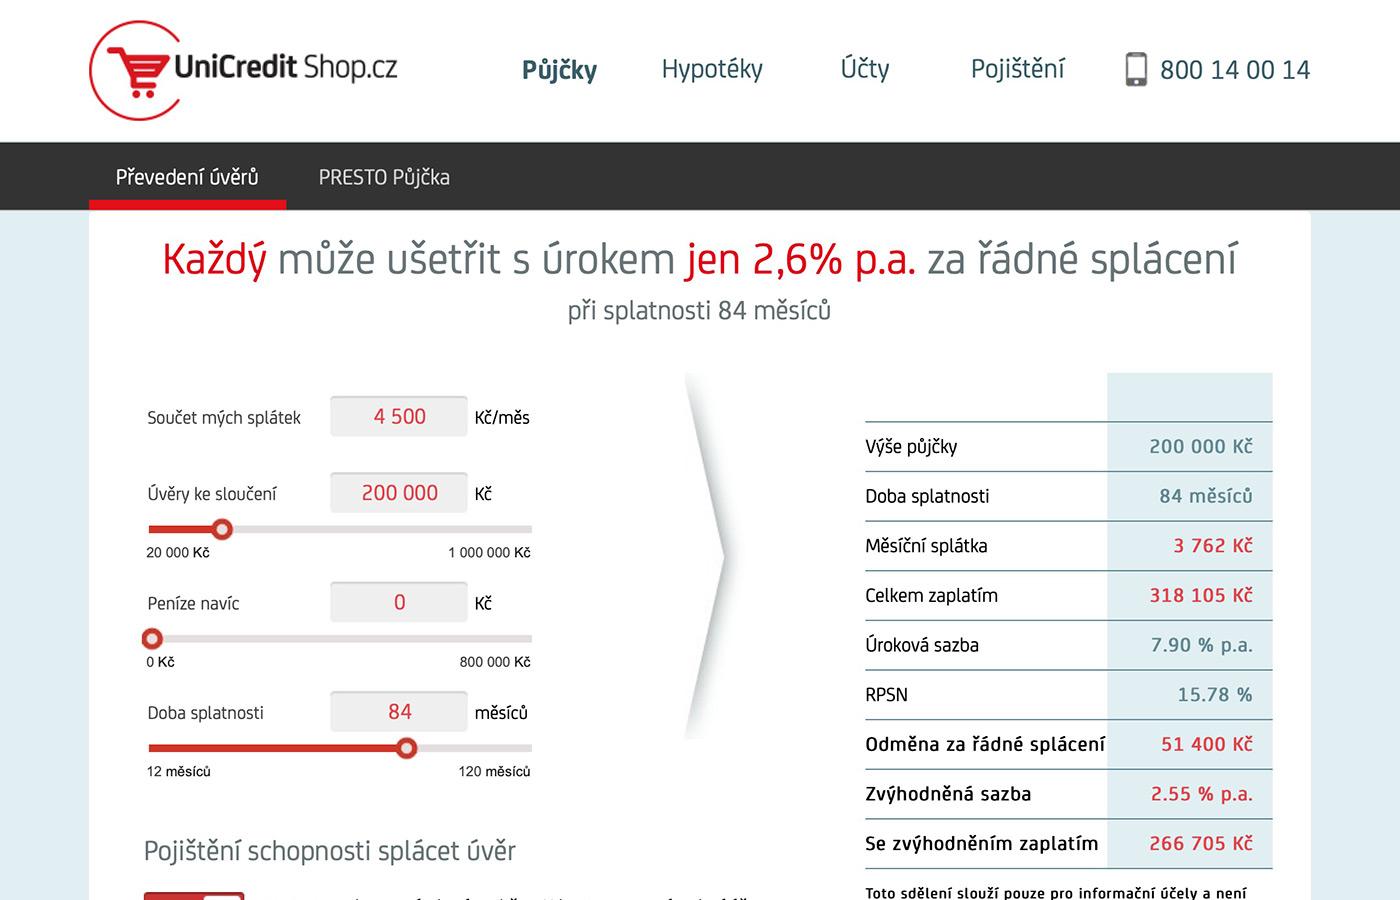 Náhled webových stránek www.unicreditshop.cz/online-pujcky#/slouceni-uveru